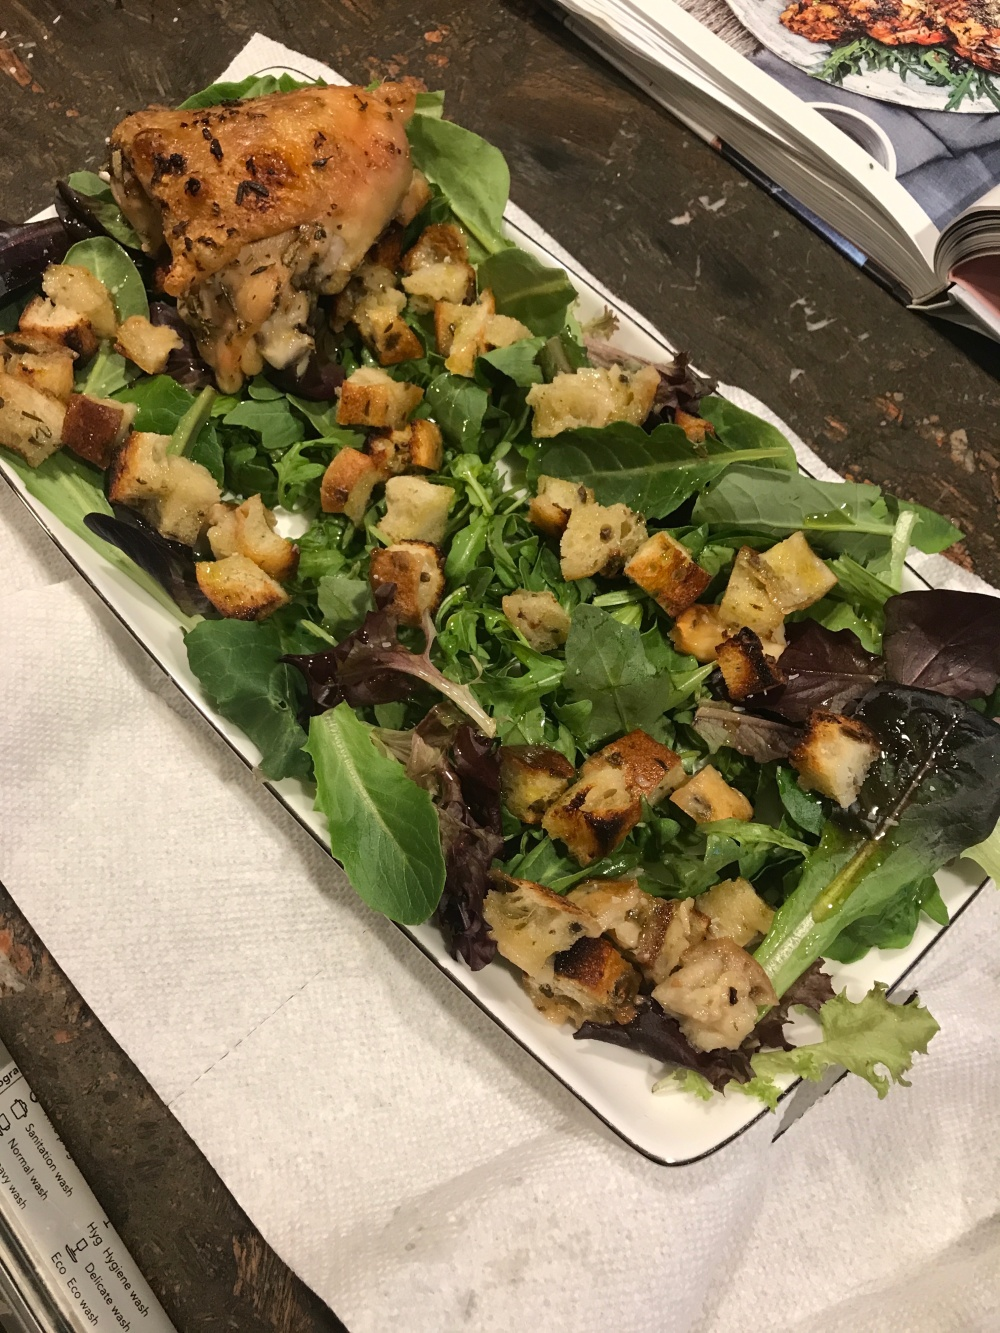 Zuni Chicken serving plate